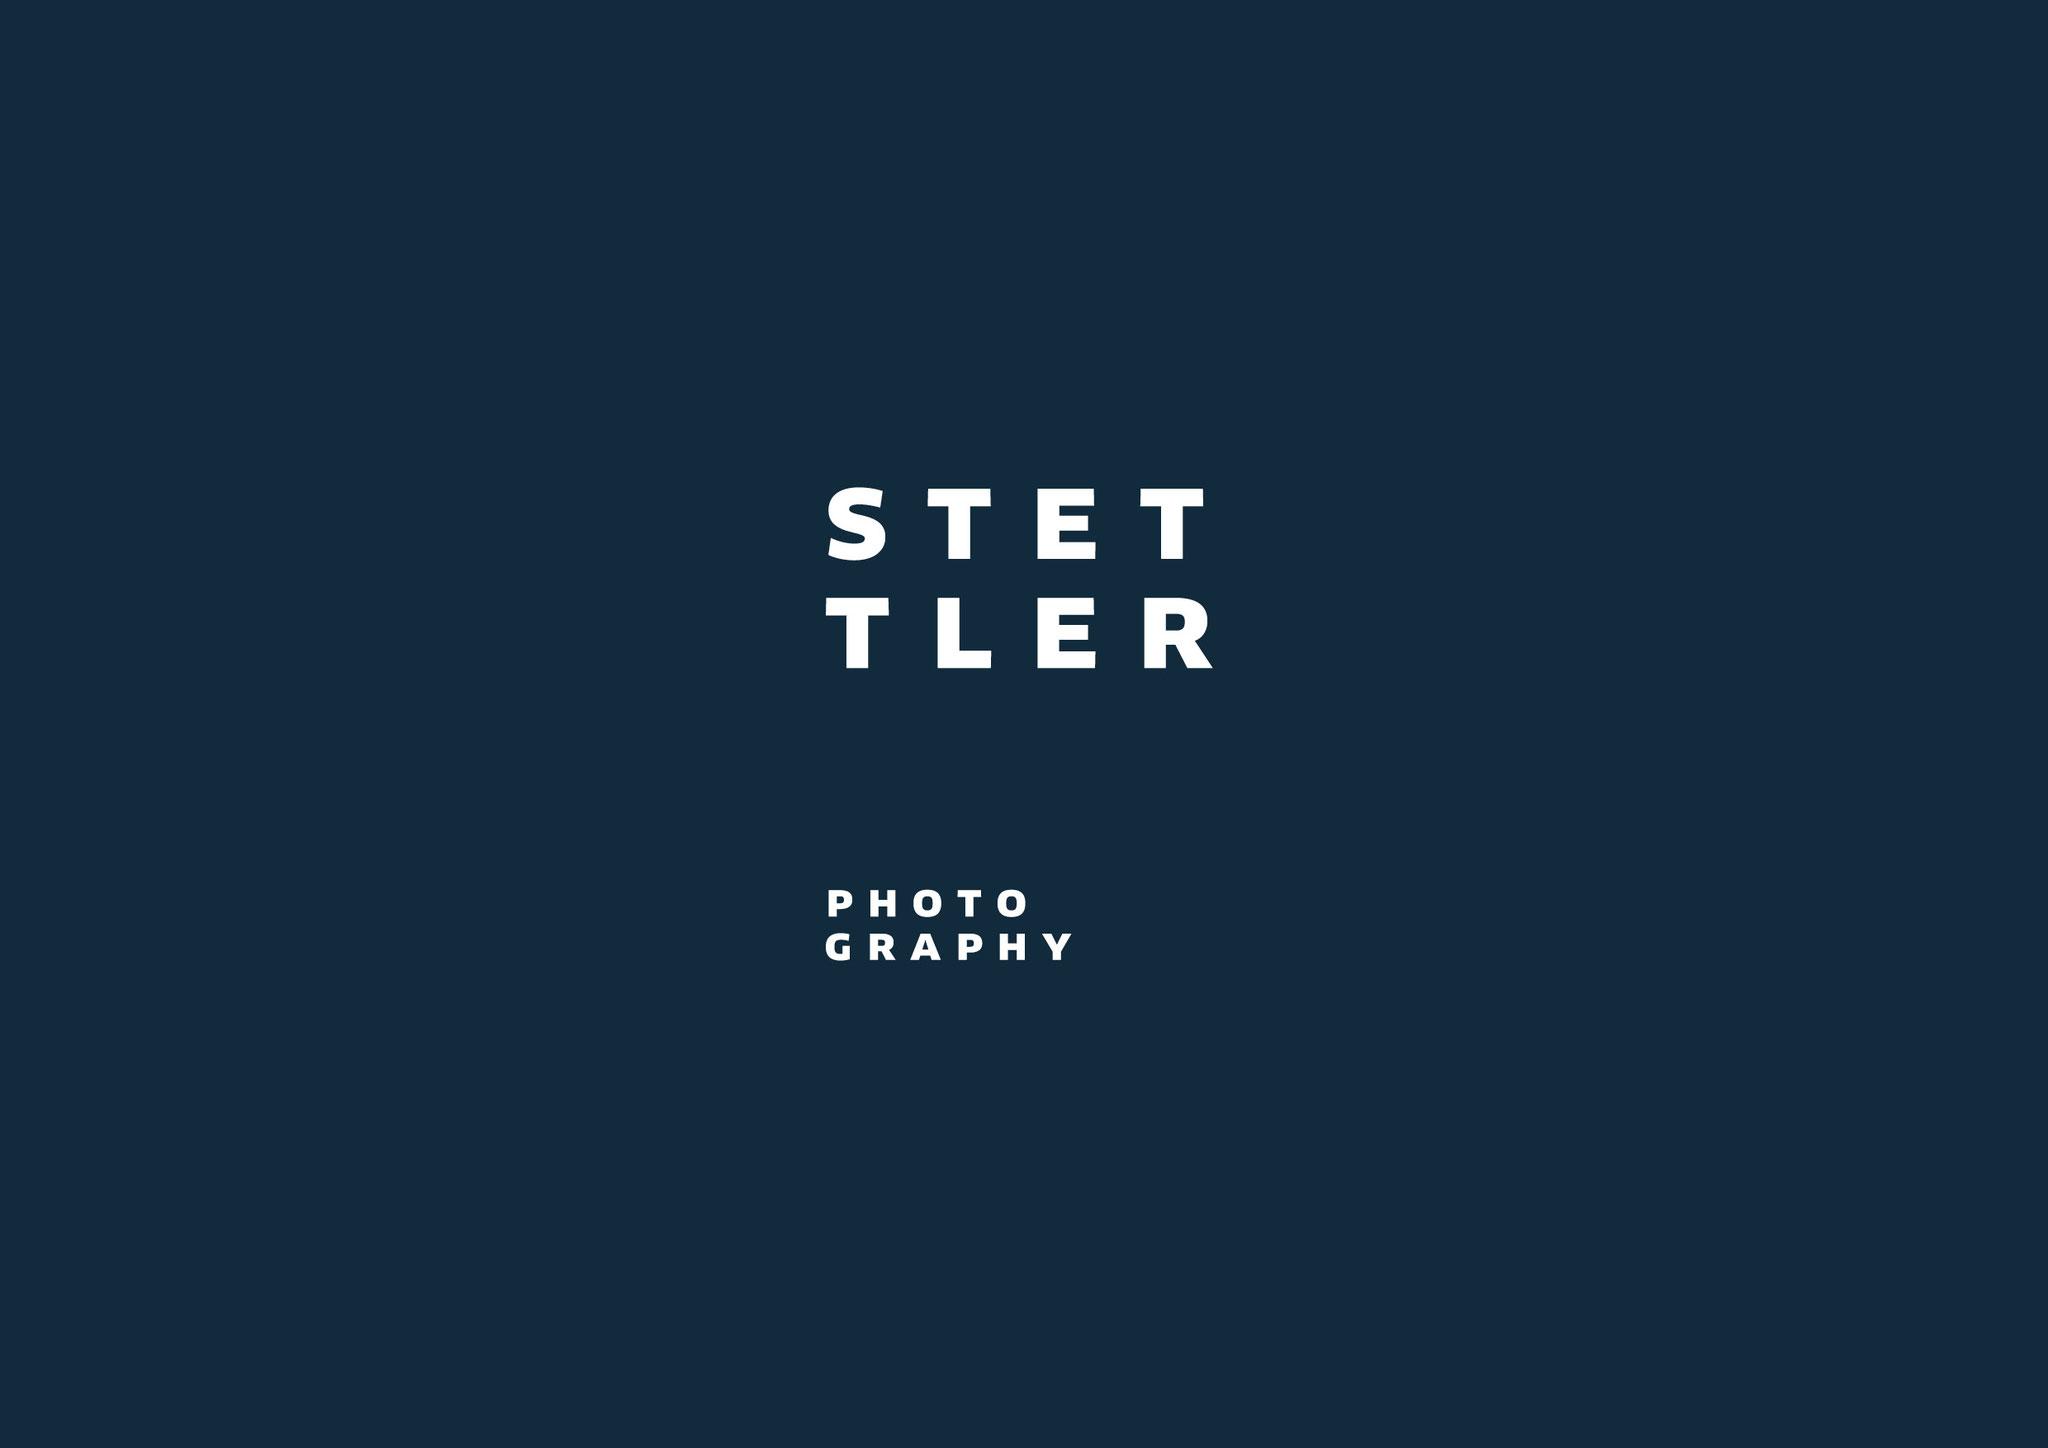 Corporate Design Stettler Photography: Grafik/Layout Visitenkarten, Kuvert C5 und Geschäftspapier A4 by Lockedesign, Burgdorf